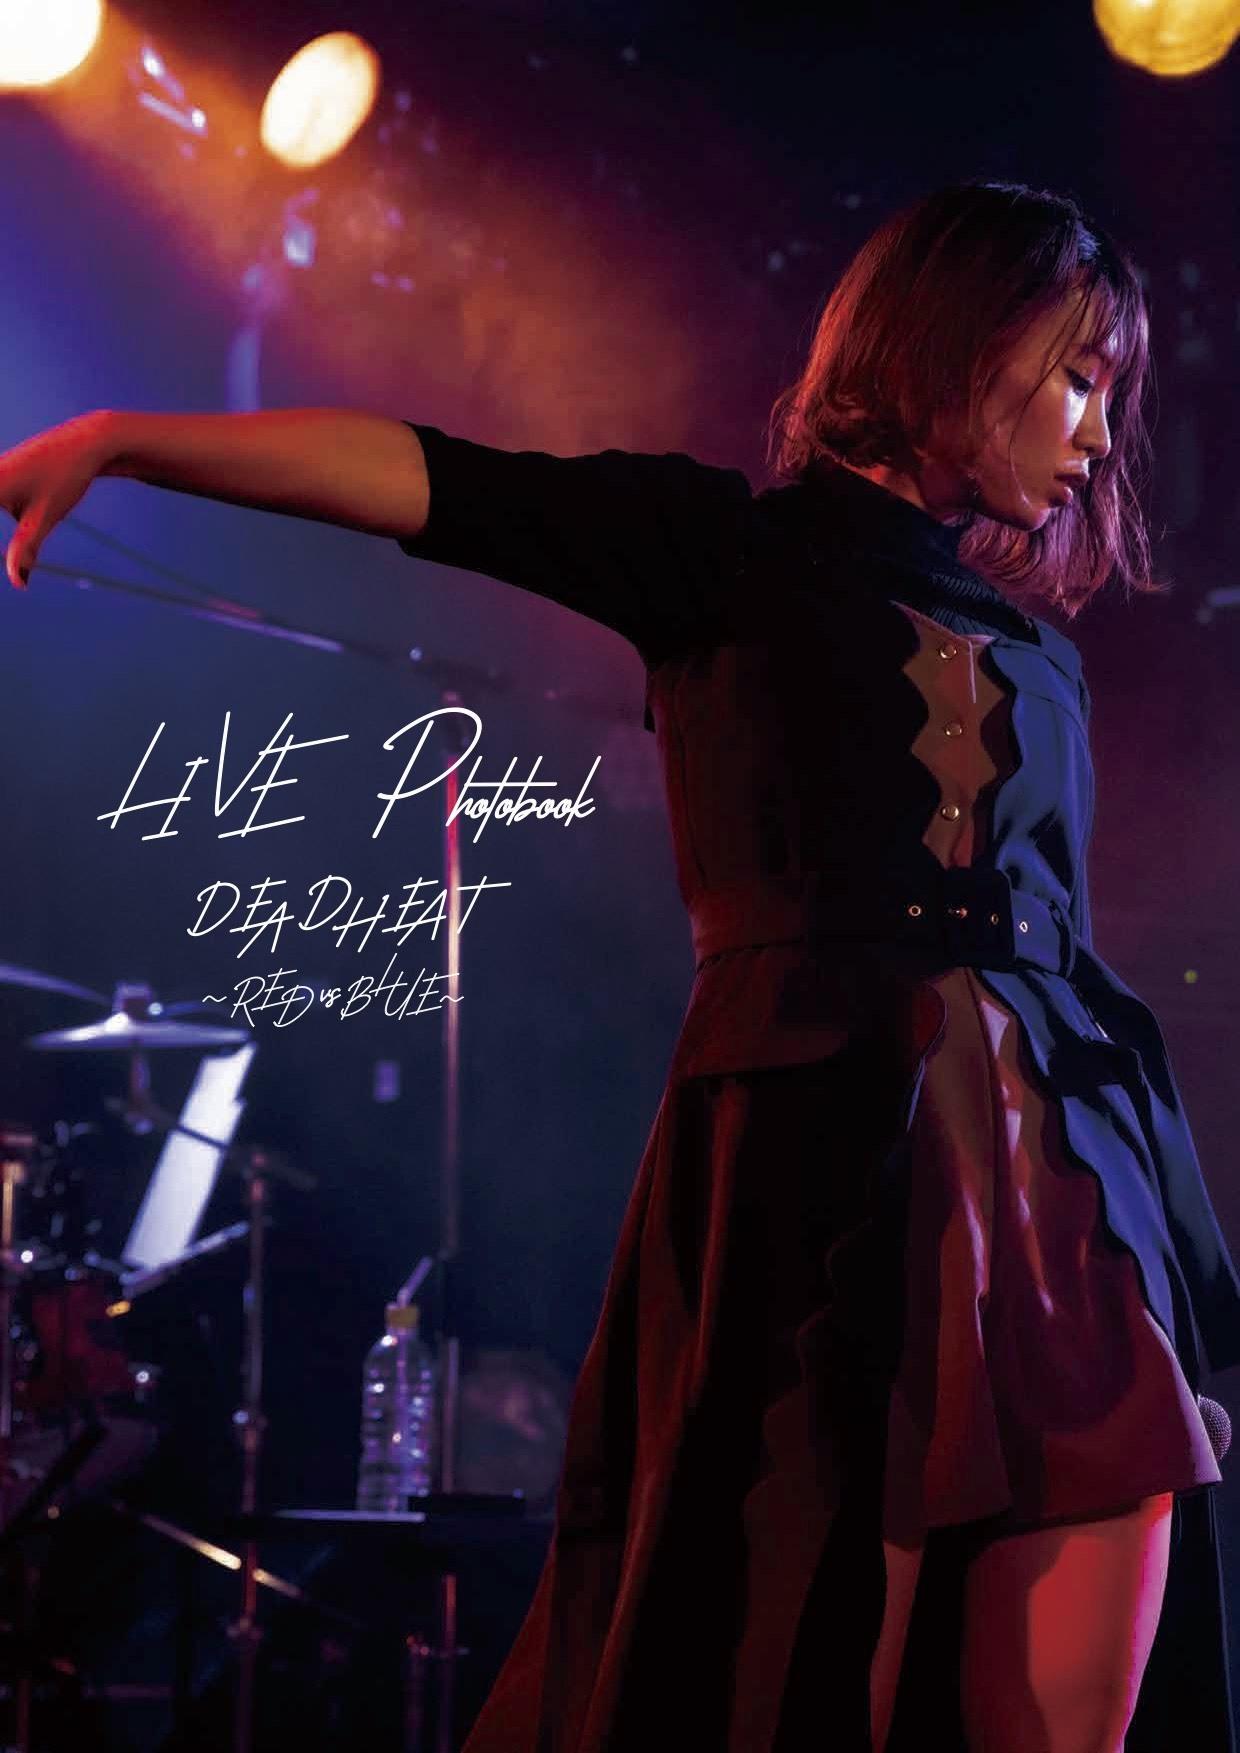 URiKA ライブフォトブック「DEAD HEAT 〜RED vs BLUE〜」 書影